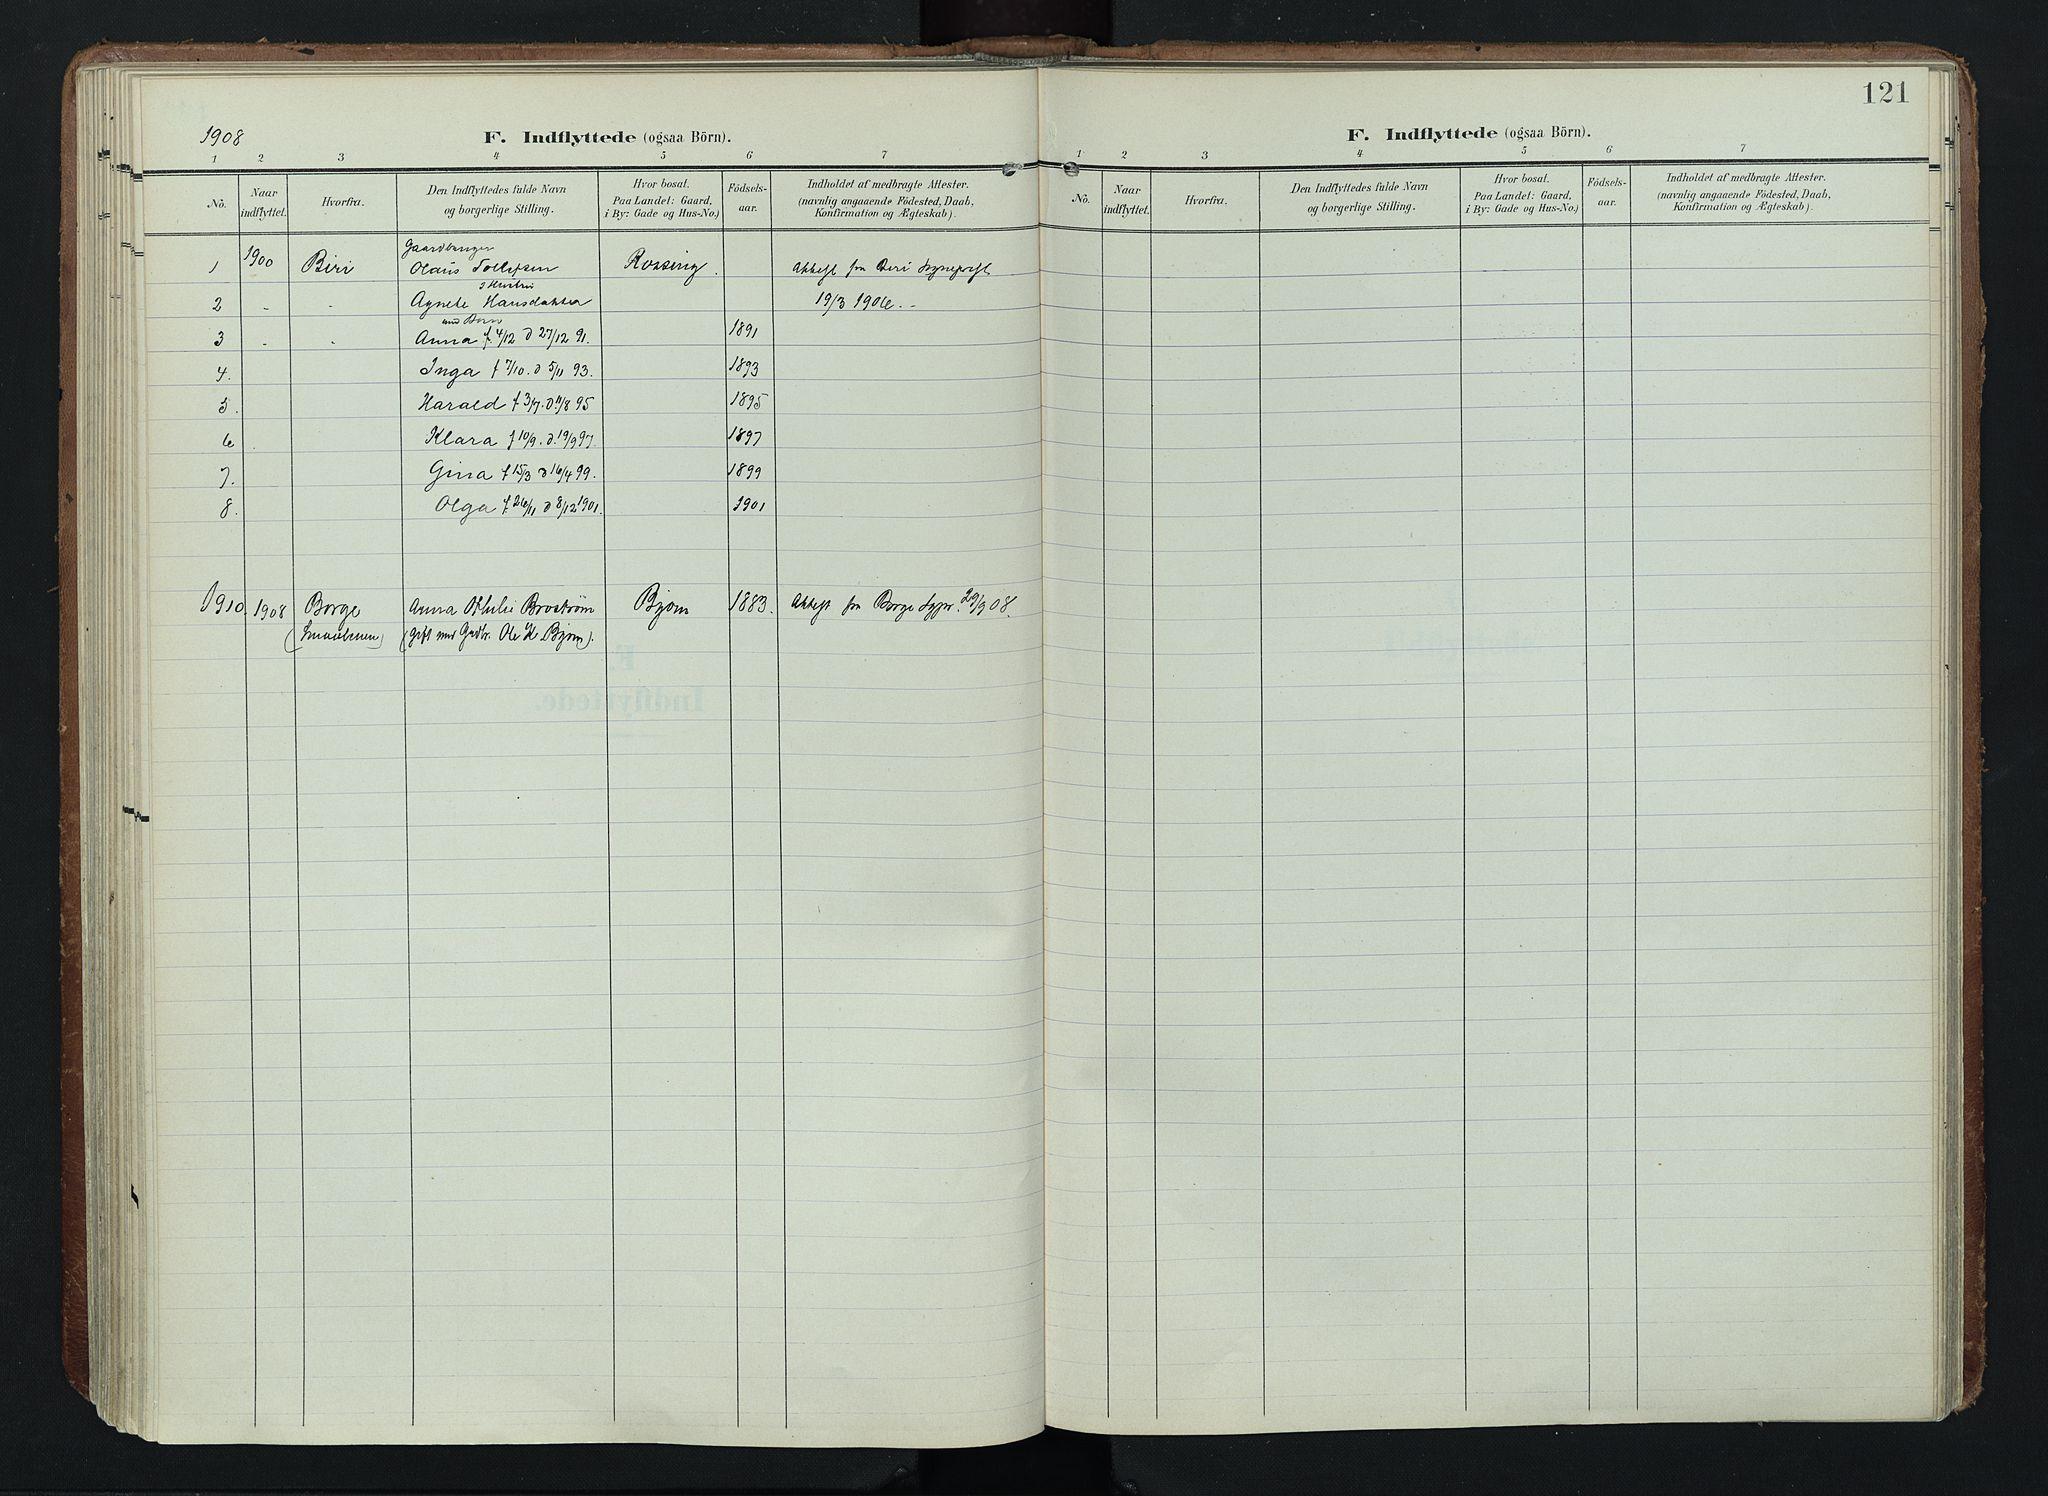 SAH, Søndre Land prestekontor, K/L0005: Ministerialbok nr. 5, 1905-1914, s. 121